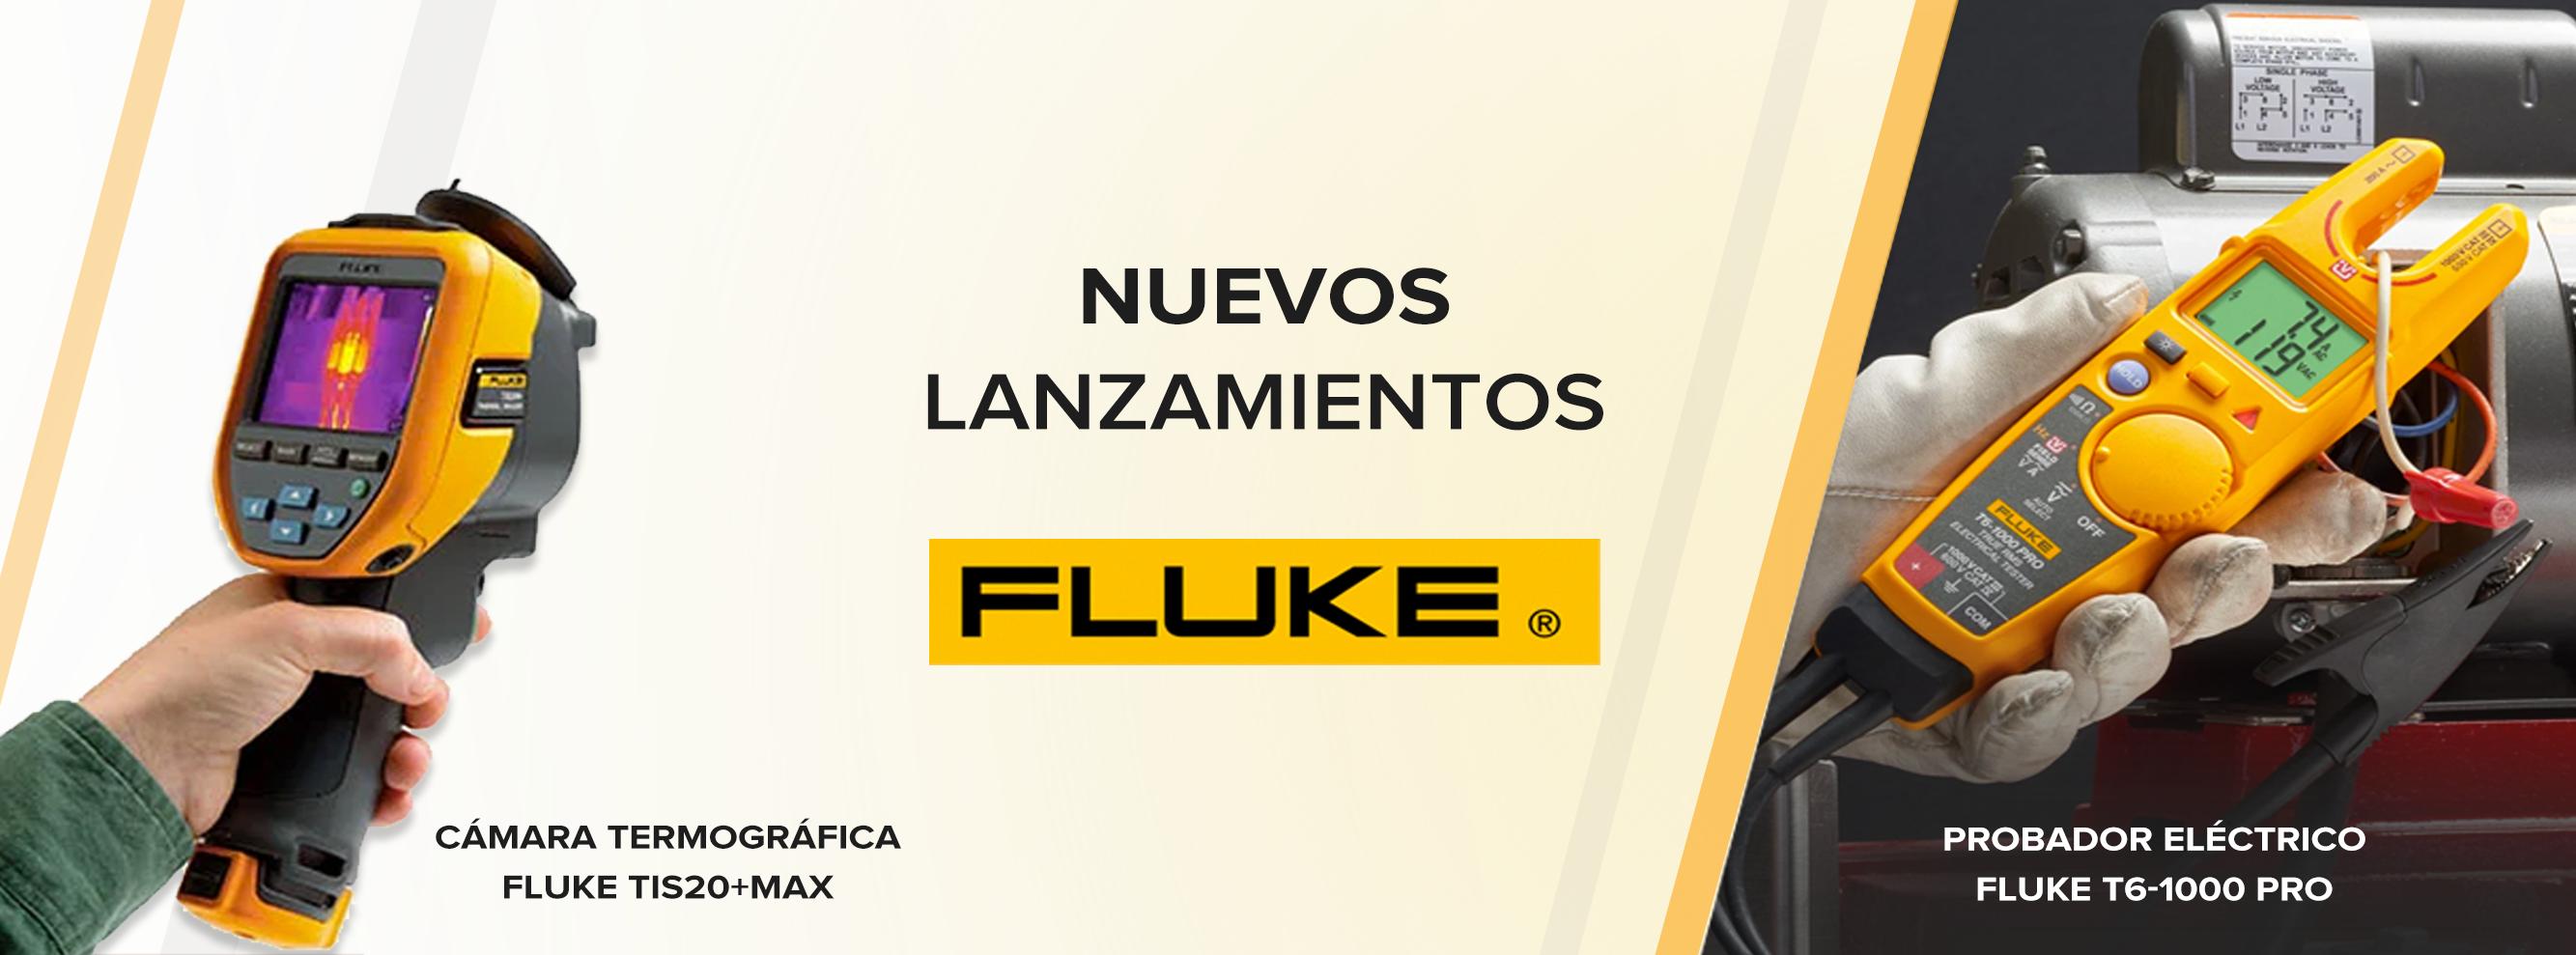 Nuevos lanzamientos de Fluke